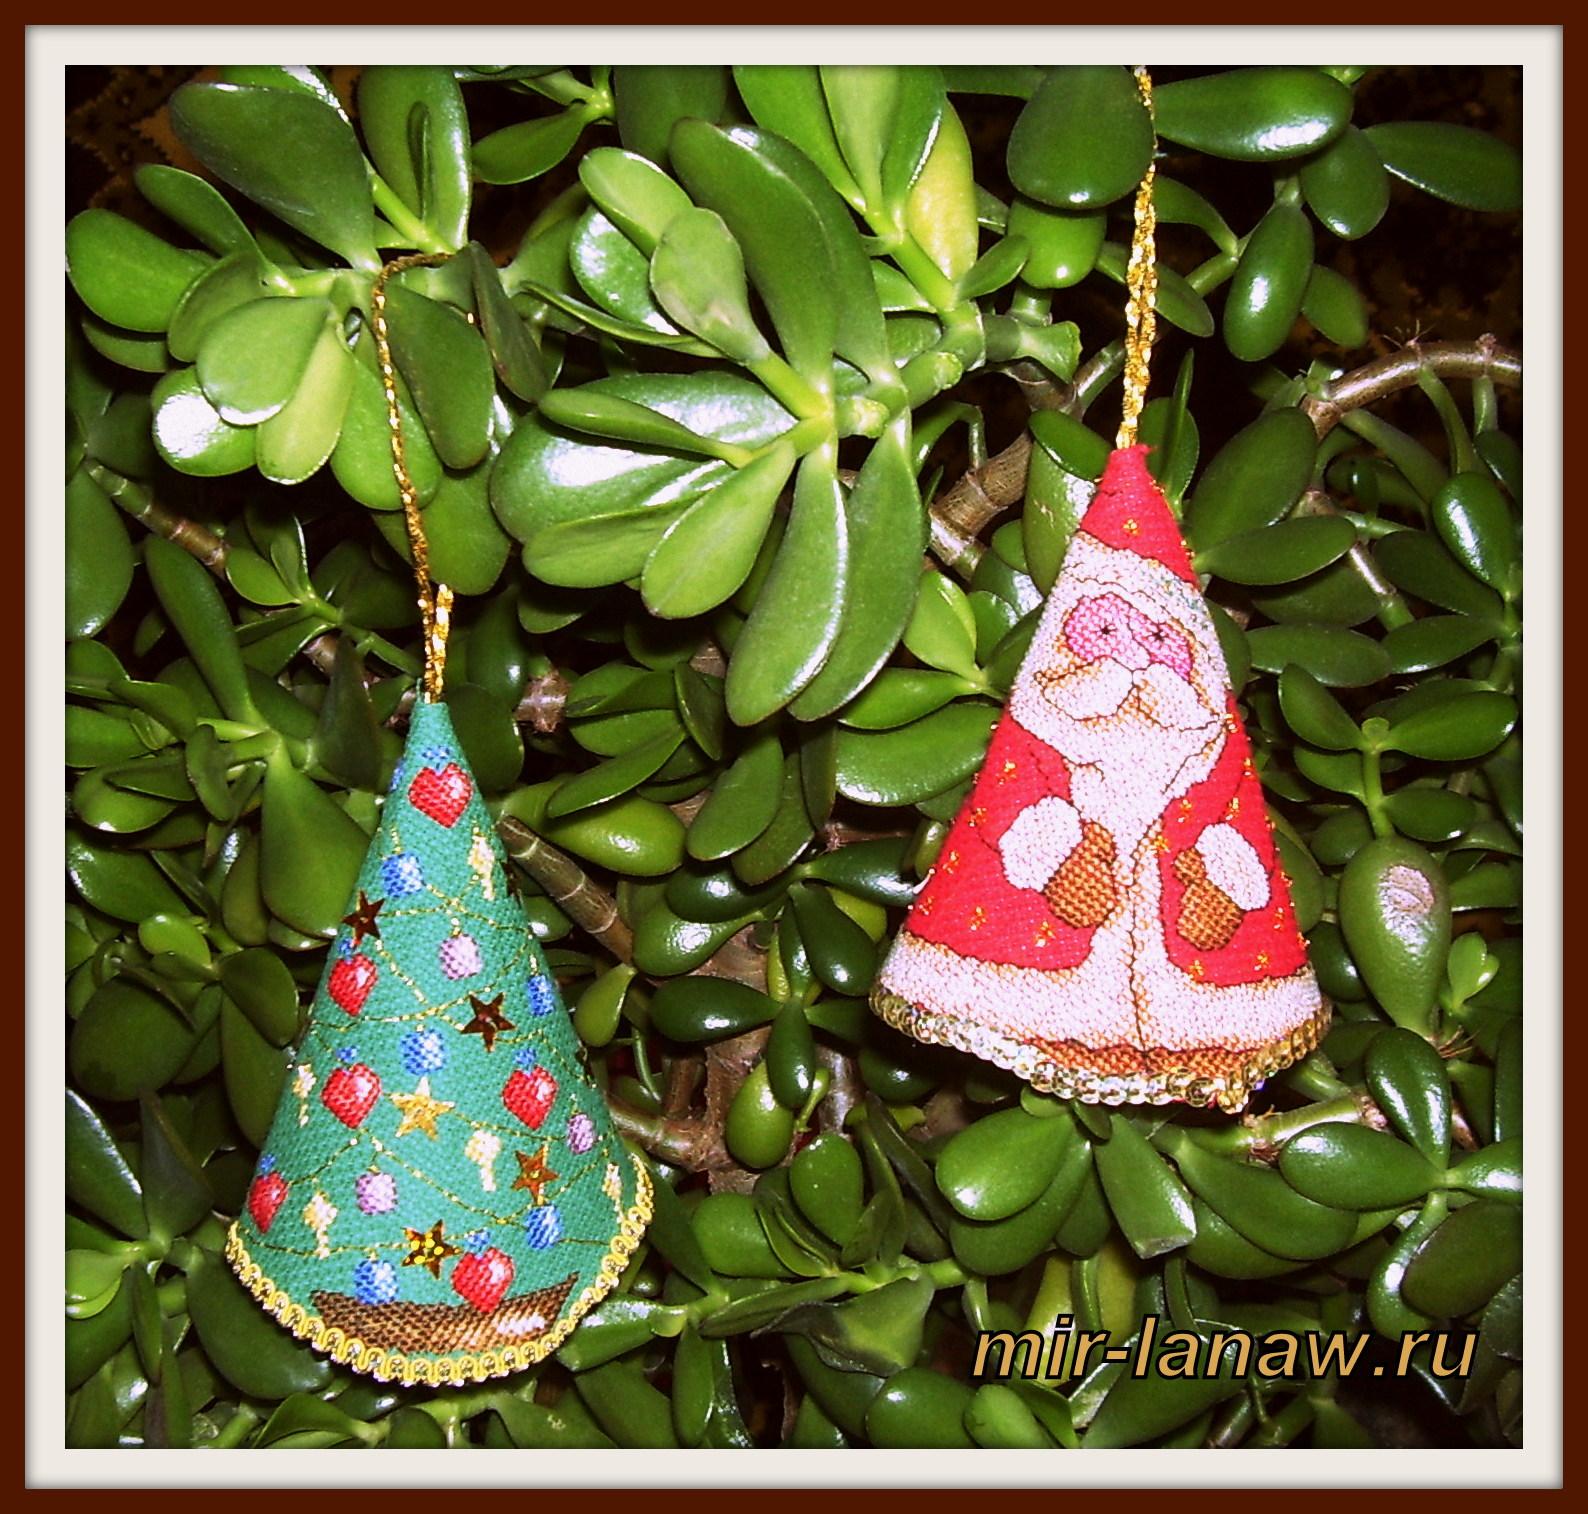 вышивка крестом схемы рождество новый год новогодние игрушки